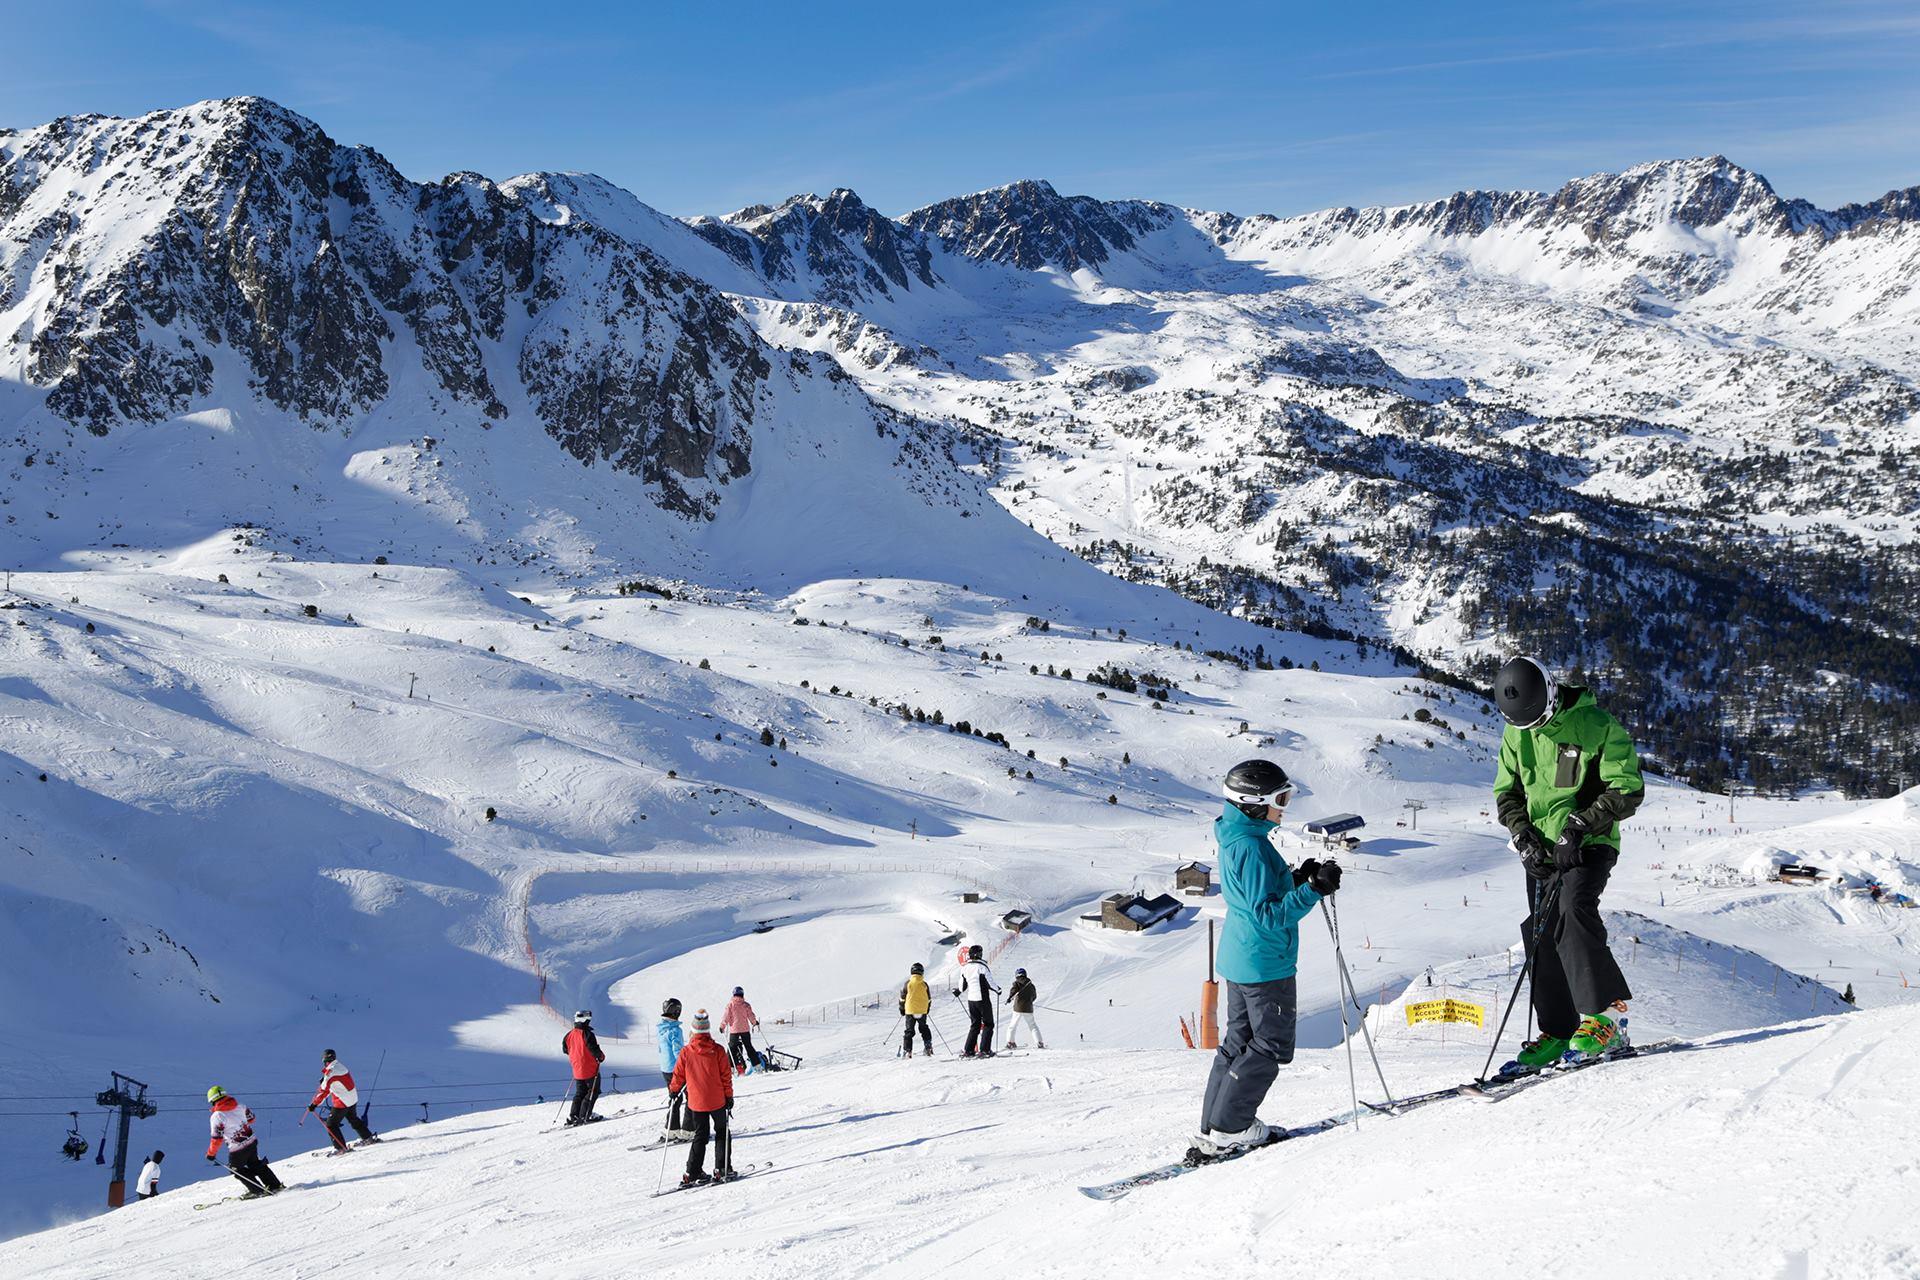 Las 9 mejores estaciones de esquí en España 2